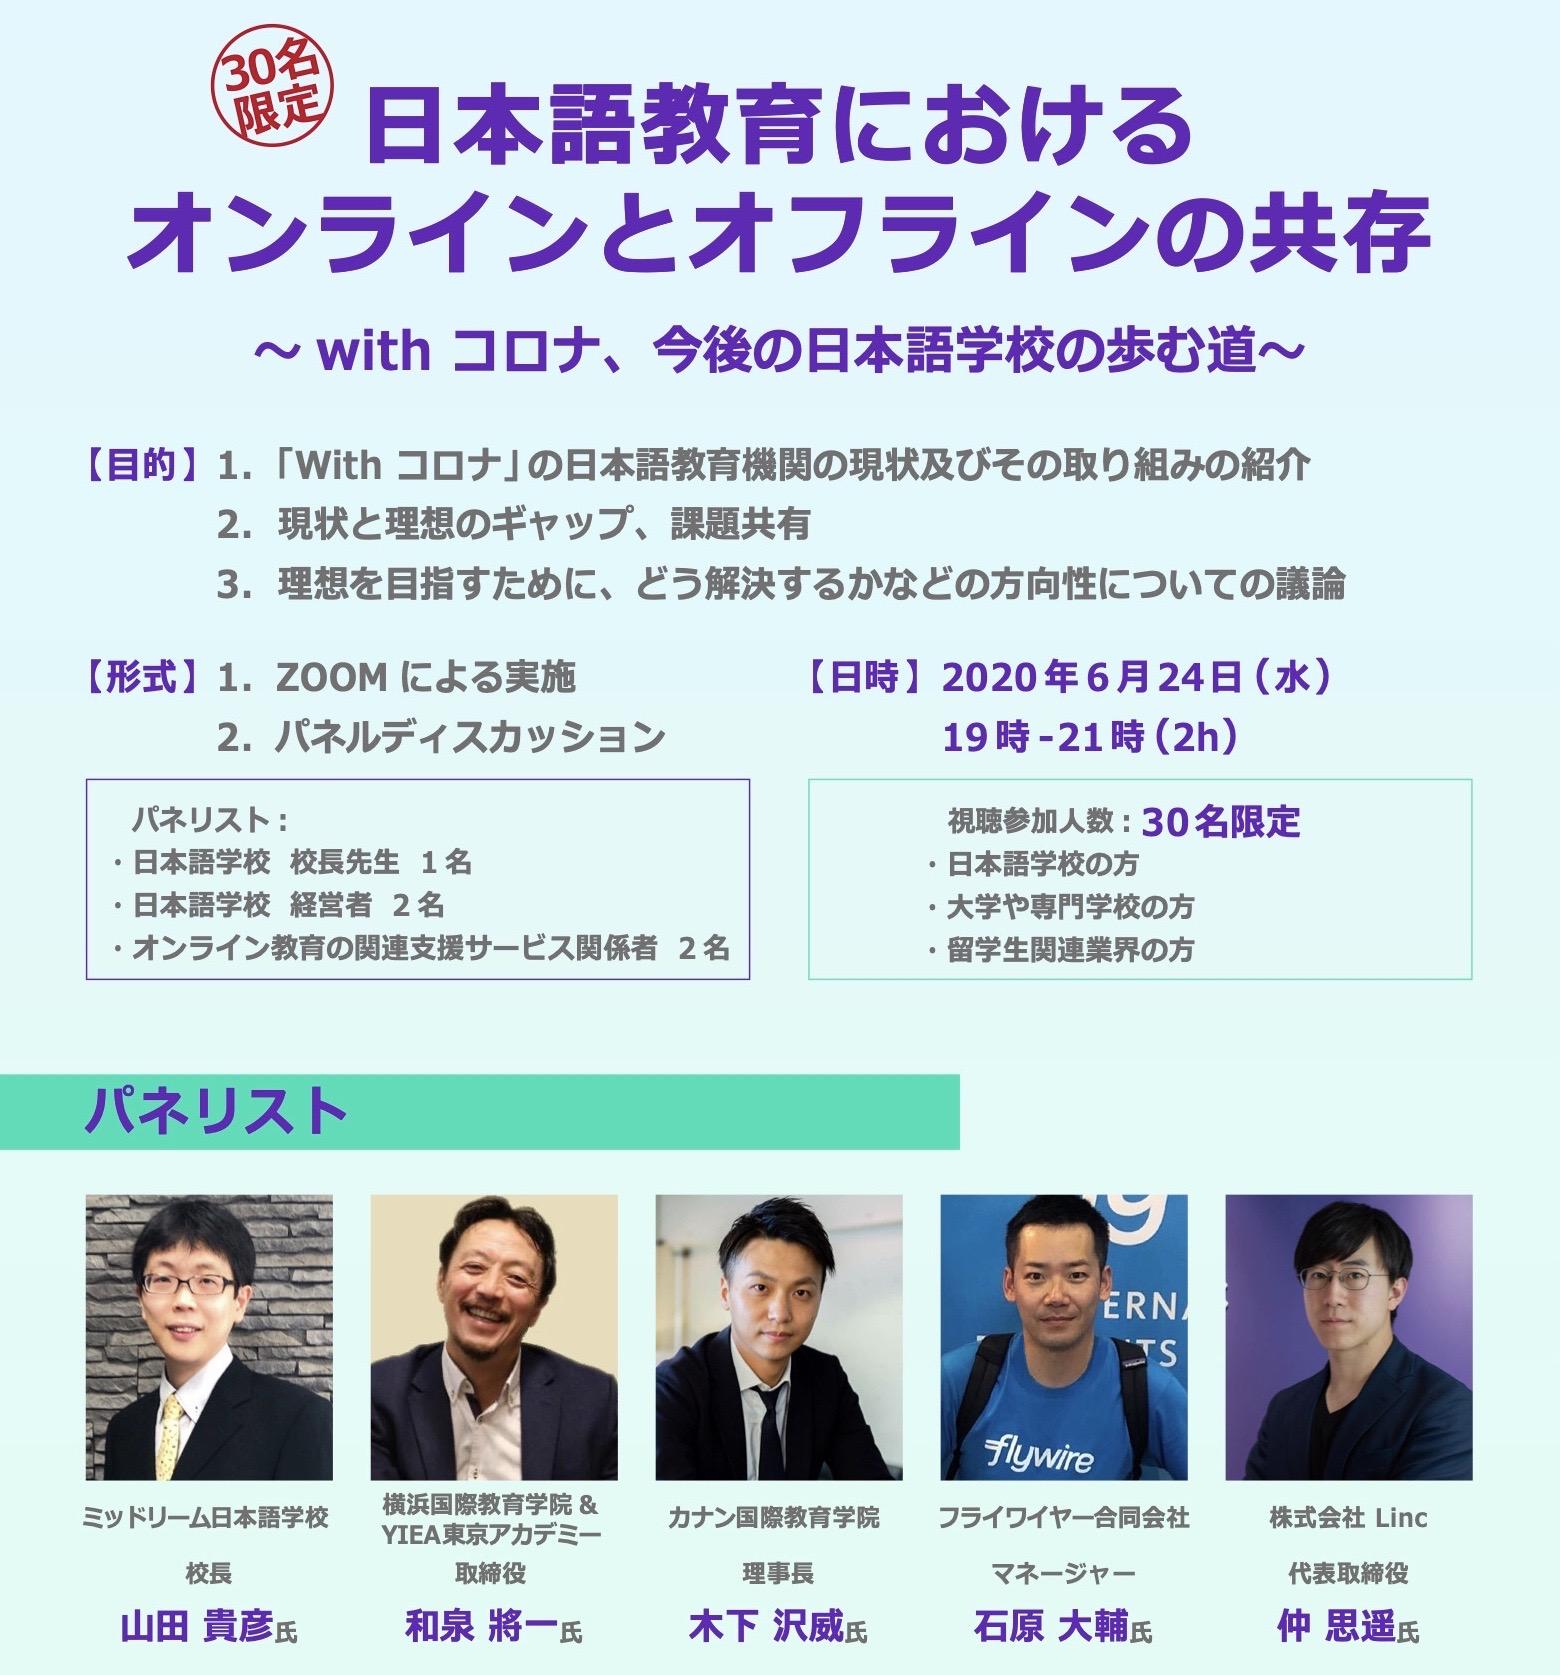 パネリストとして参加「日本語教育におけるオンラインとオフラインの共存」